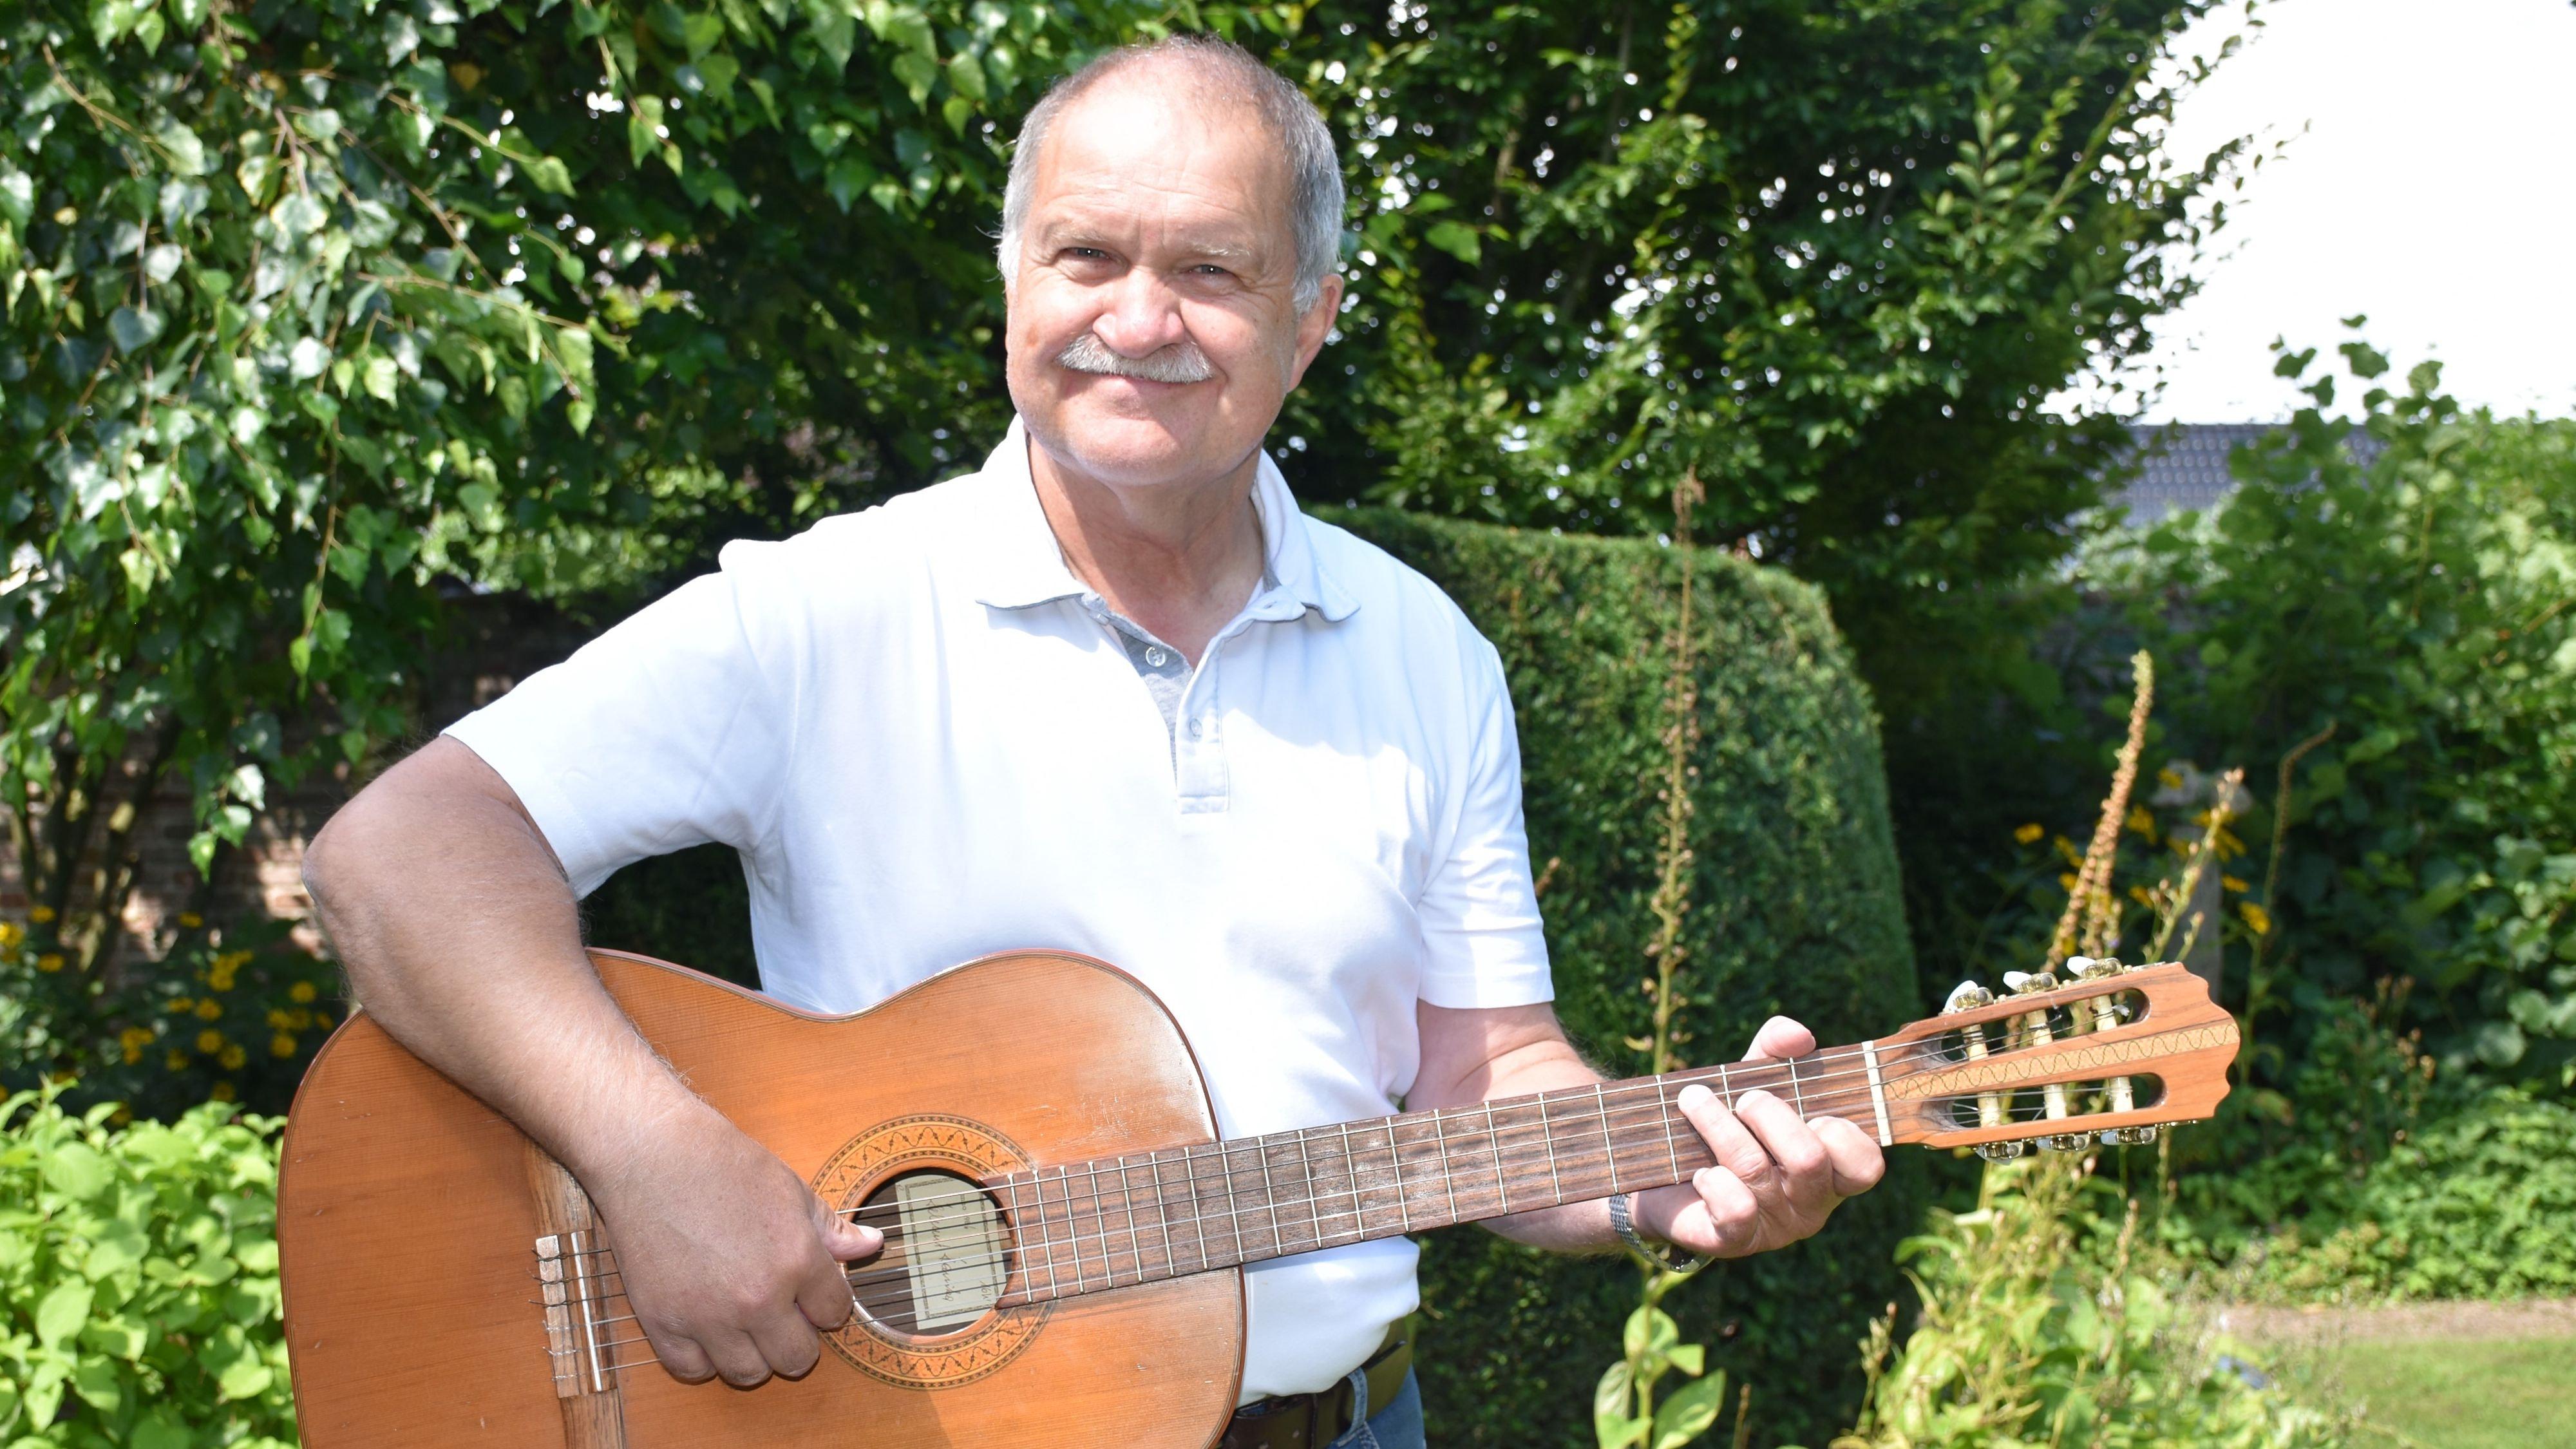 Mit der Gitarre in der Hand: So kennen vor allem die Dinklager Ludger Baumann als Frontmann von Kölsch & Klüngel. Foto: Böckmann